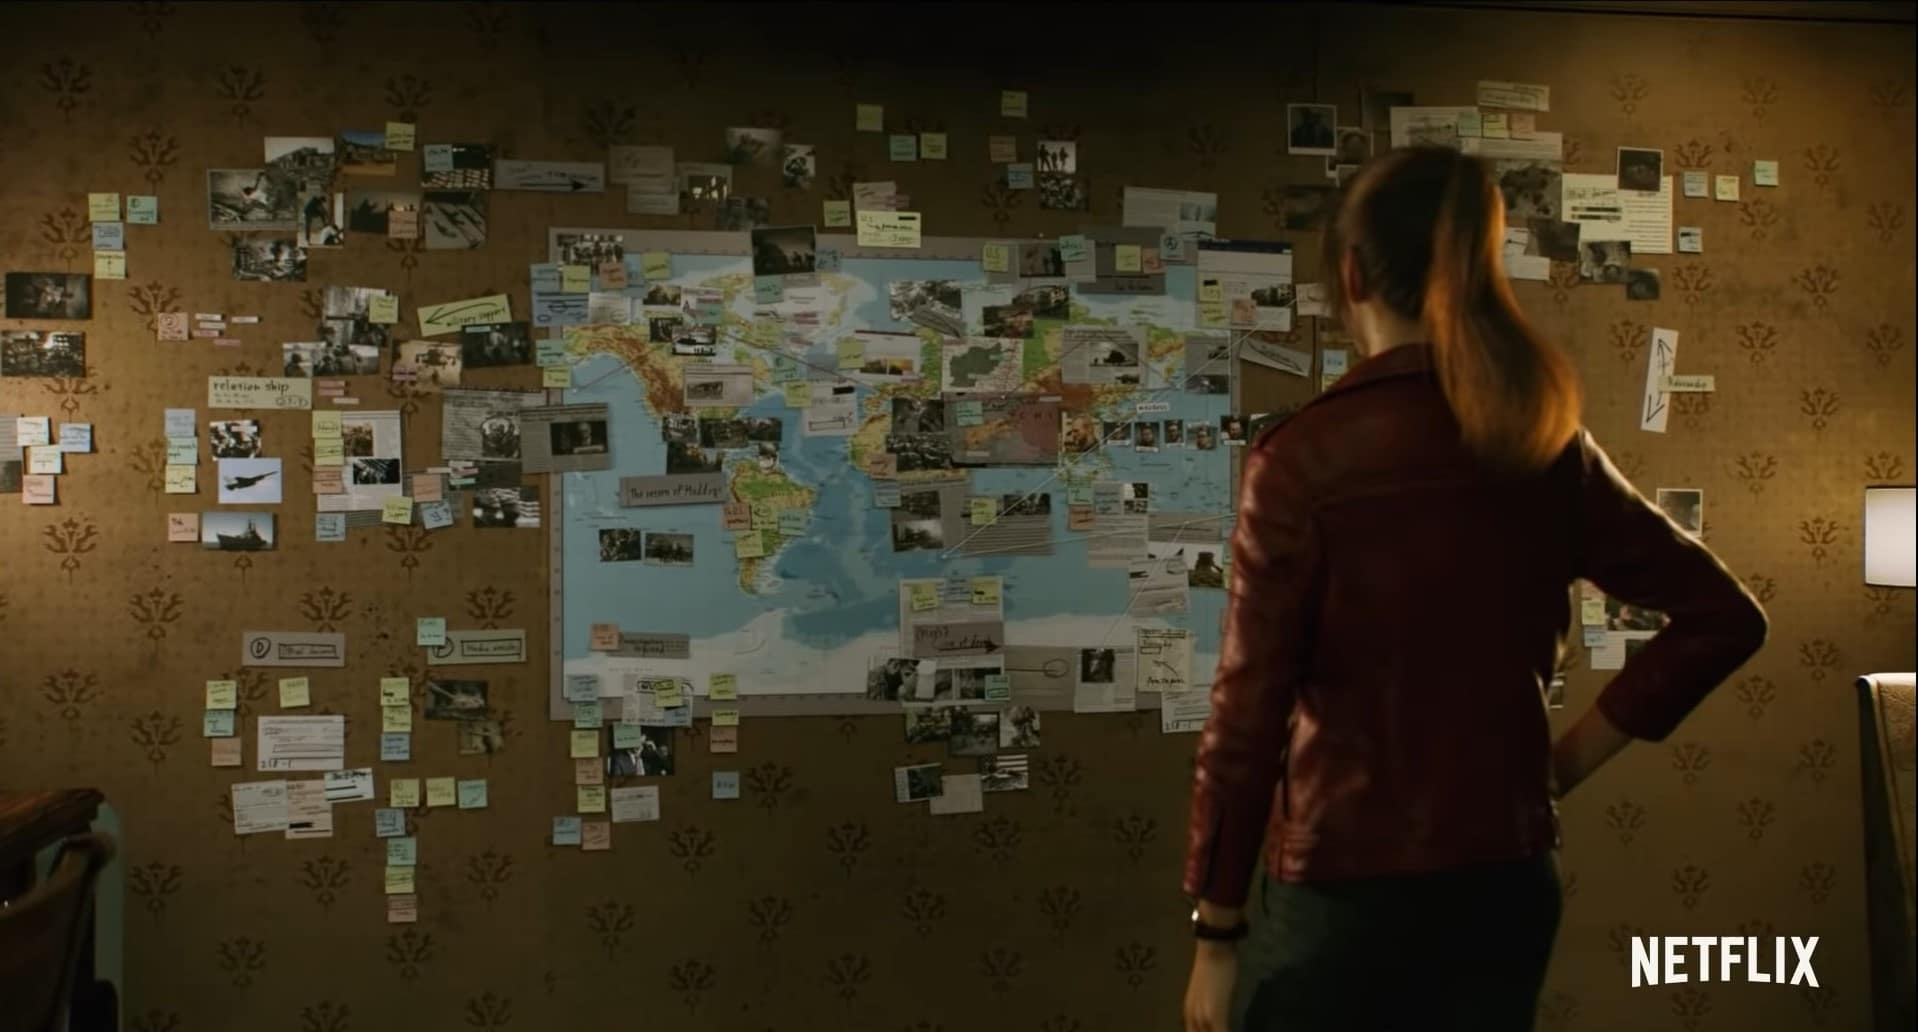 Claire Redfield probeert het complot achter de mysterieuze gebeurtenissen te ontrafelen in de nieuwe Netflix CG-serie Resident Evil: Infinite Darkness